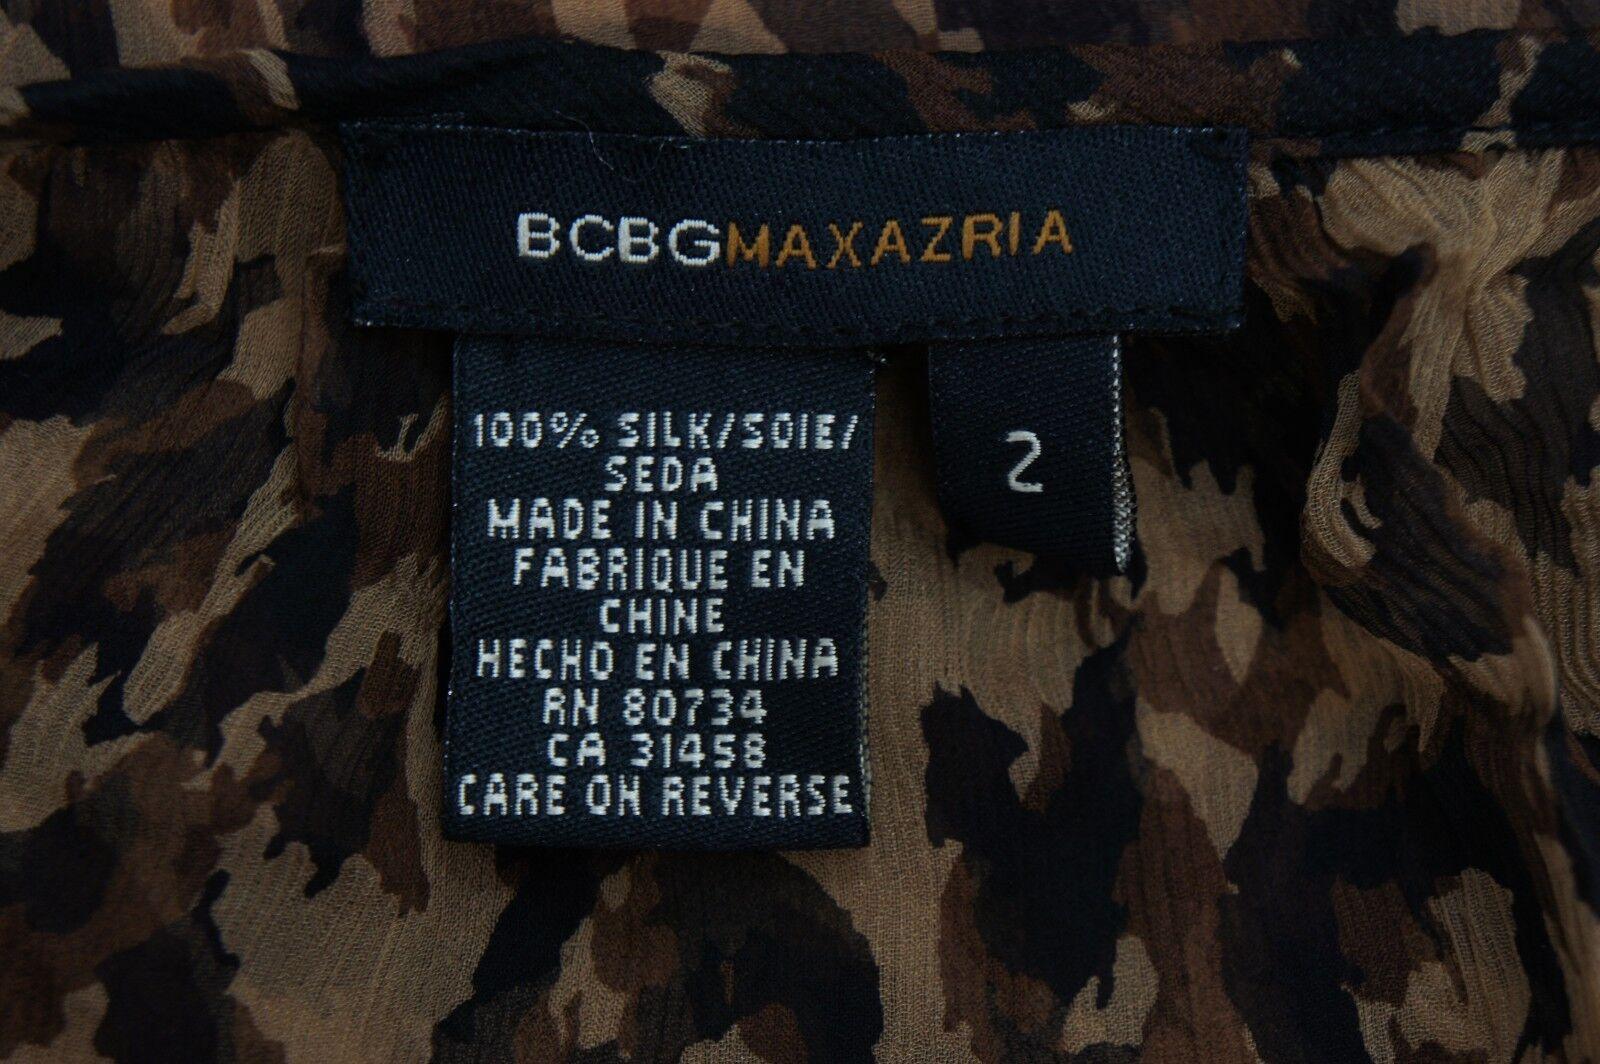 MAXAZRIA BCBG BCBG BCBG   DESIGNER 100% SEIDE BlauSE SPITZE SCHW BRAUN   36   NEUW | Rabatt  | Garantiere Qualität und Quantität  0fe56a